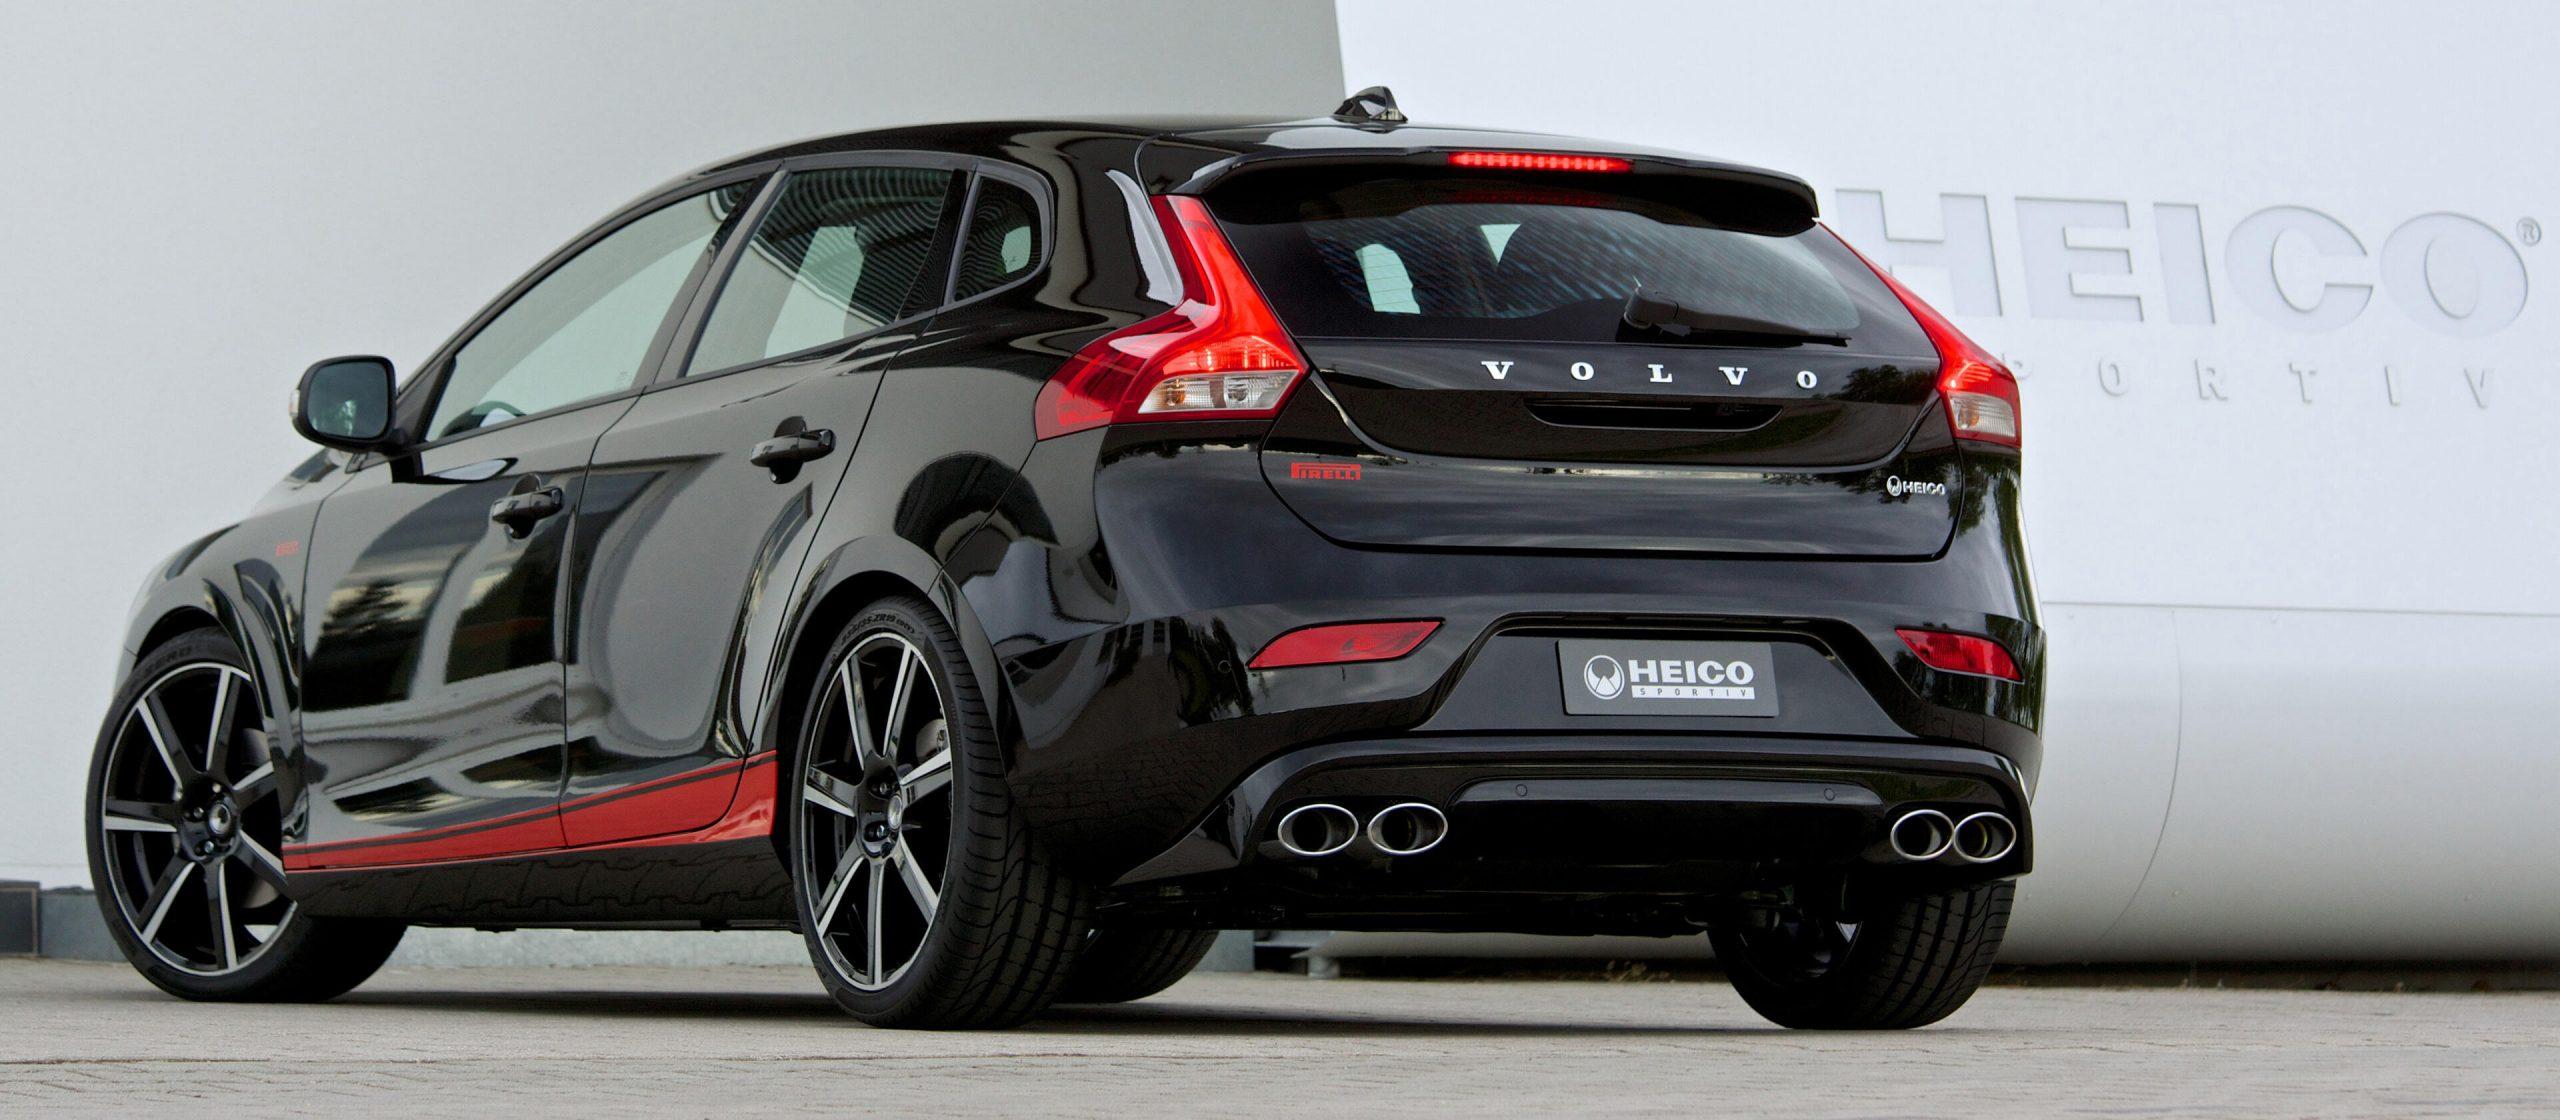 heico-sportiv-volvo-v40-pirelli-rear-hero-slider-1